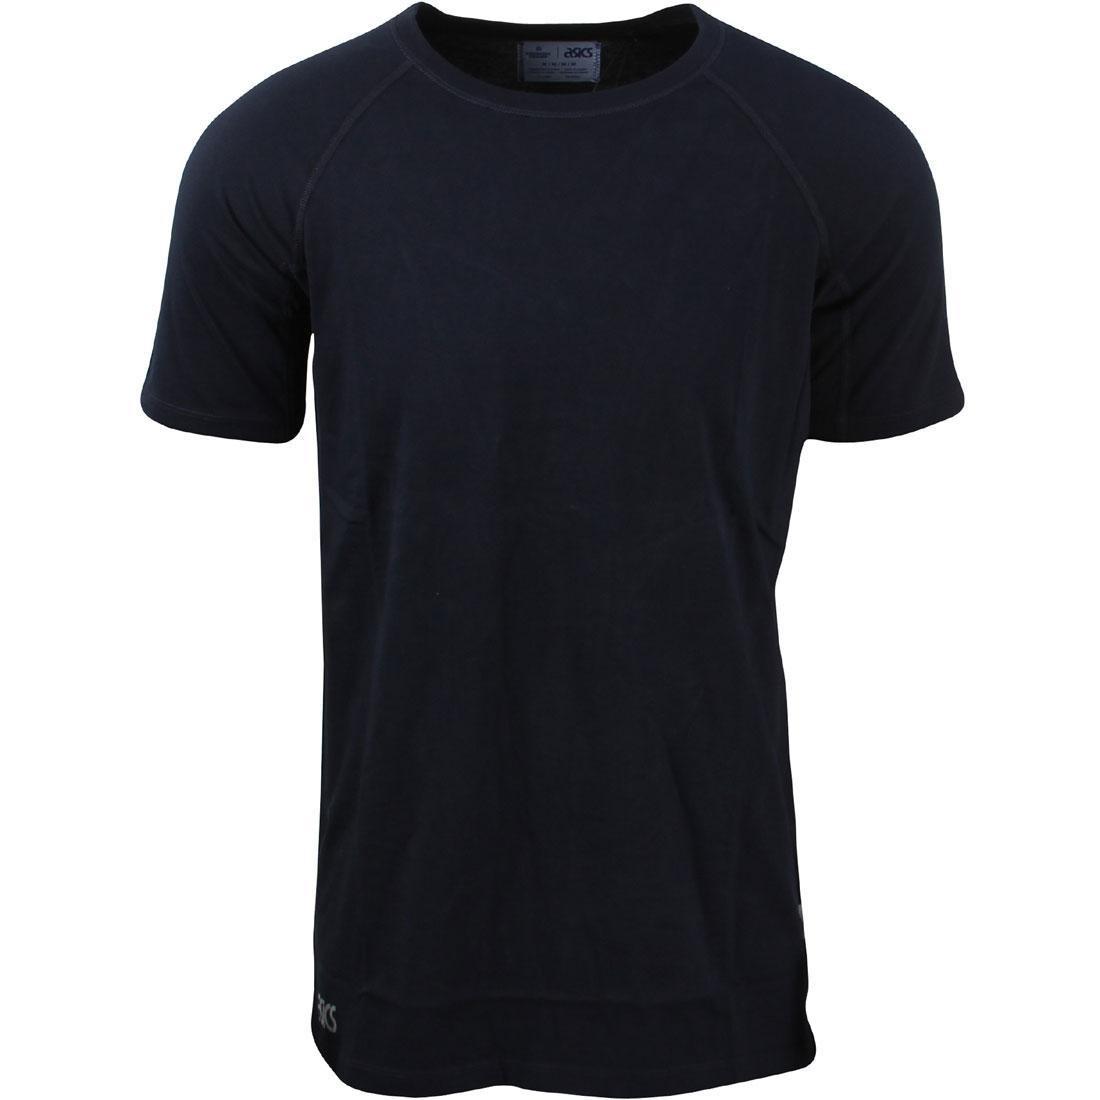 アシックスタイガー ASICS TIGER アシックス Tシャツ 紺 ネイビー 【 ASICS NAVY TIGER X REIGNING CHAMP MEN TEE 】 メンズファッション トップス Tシャツ カットソー